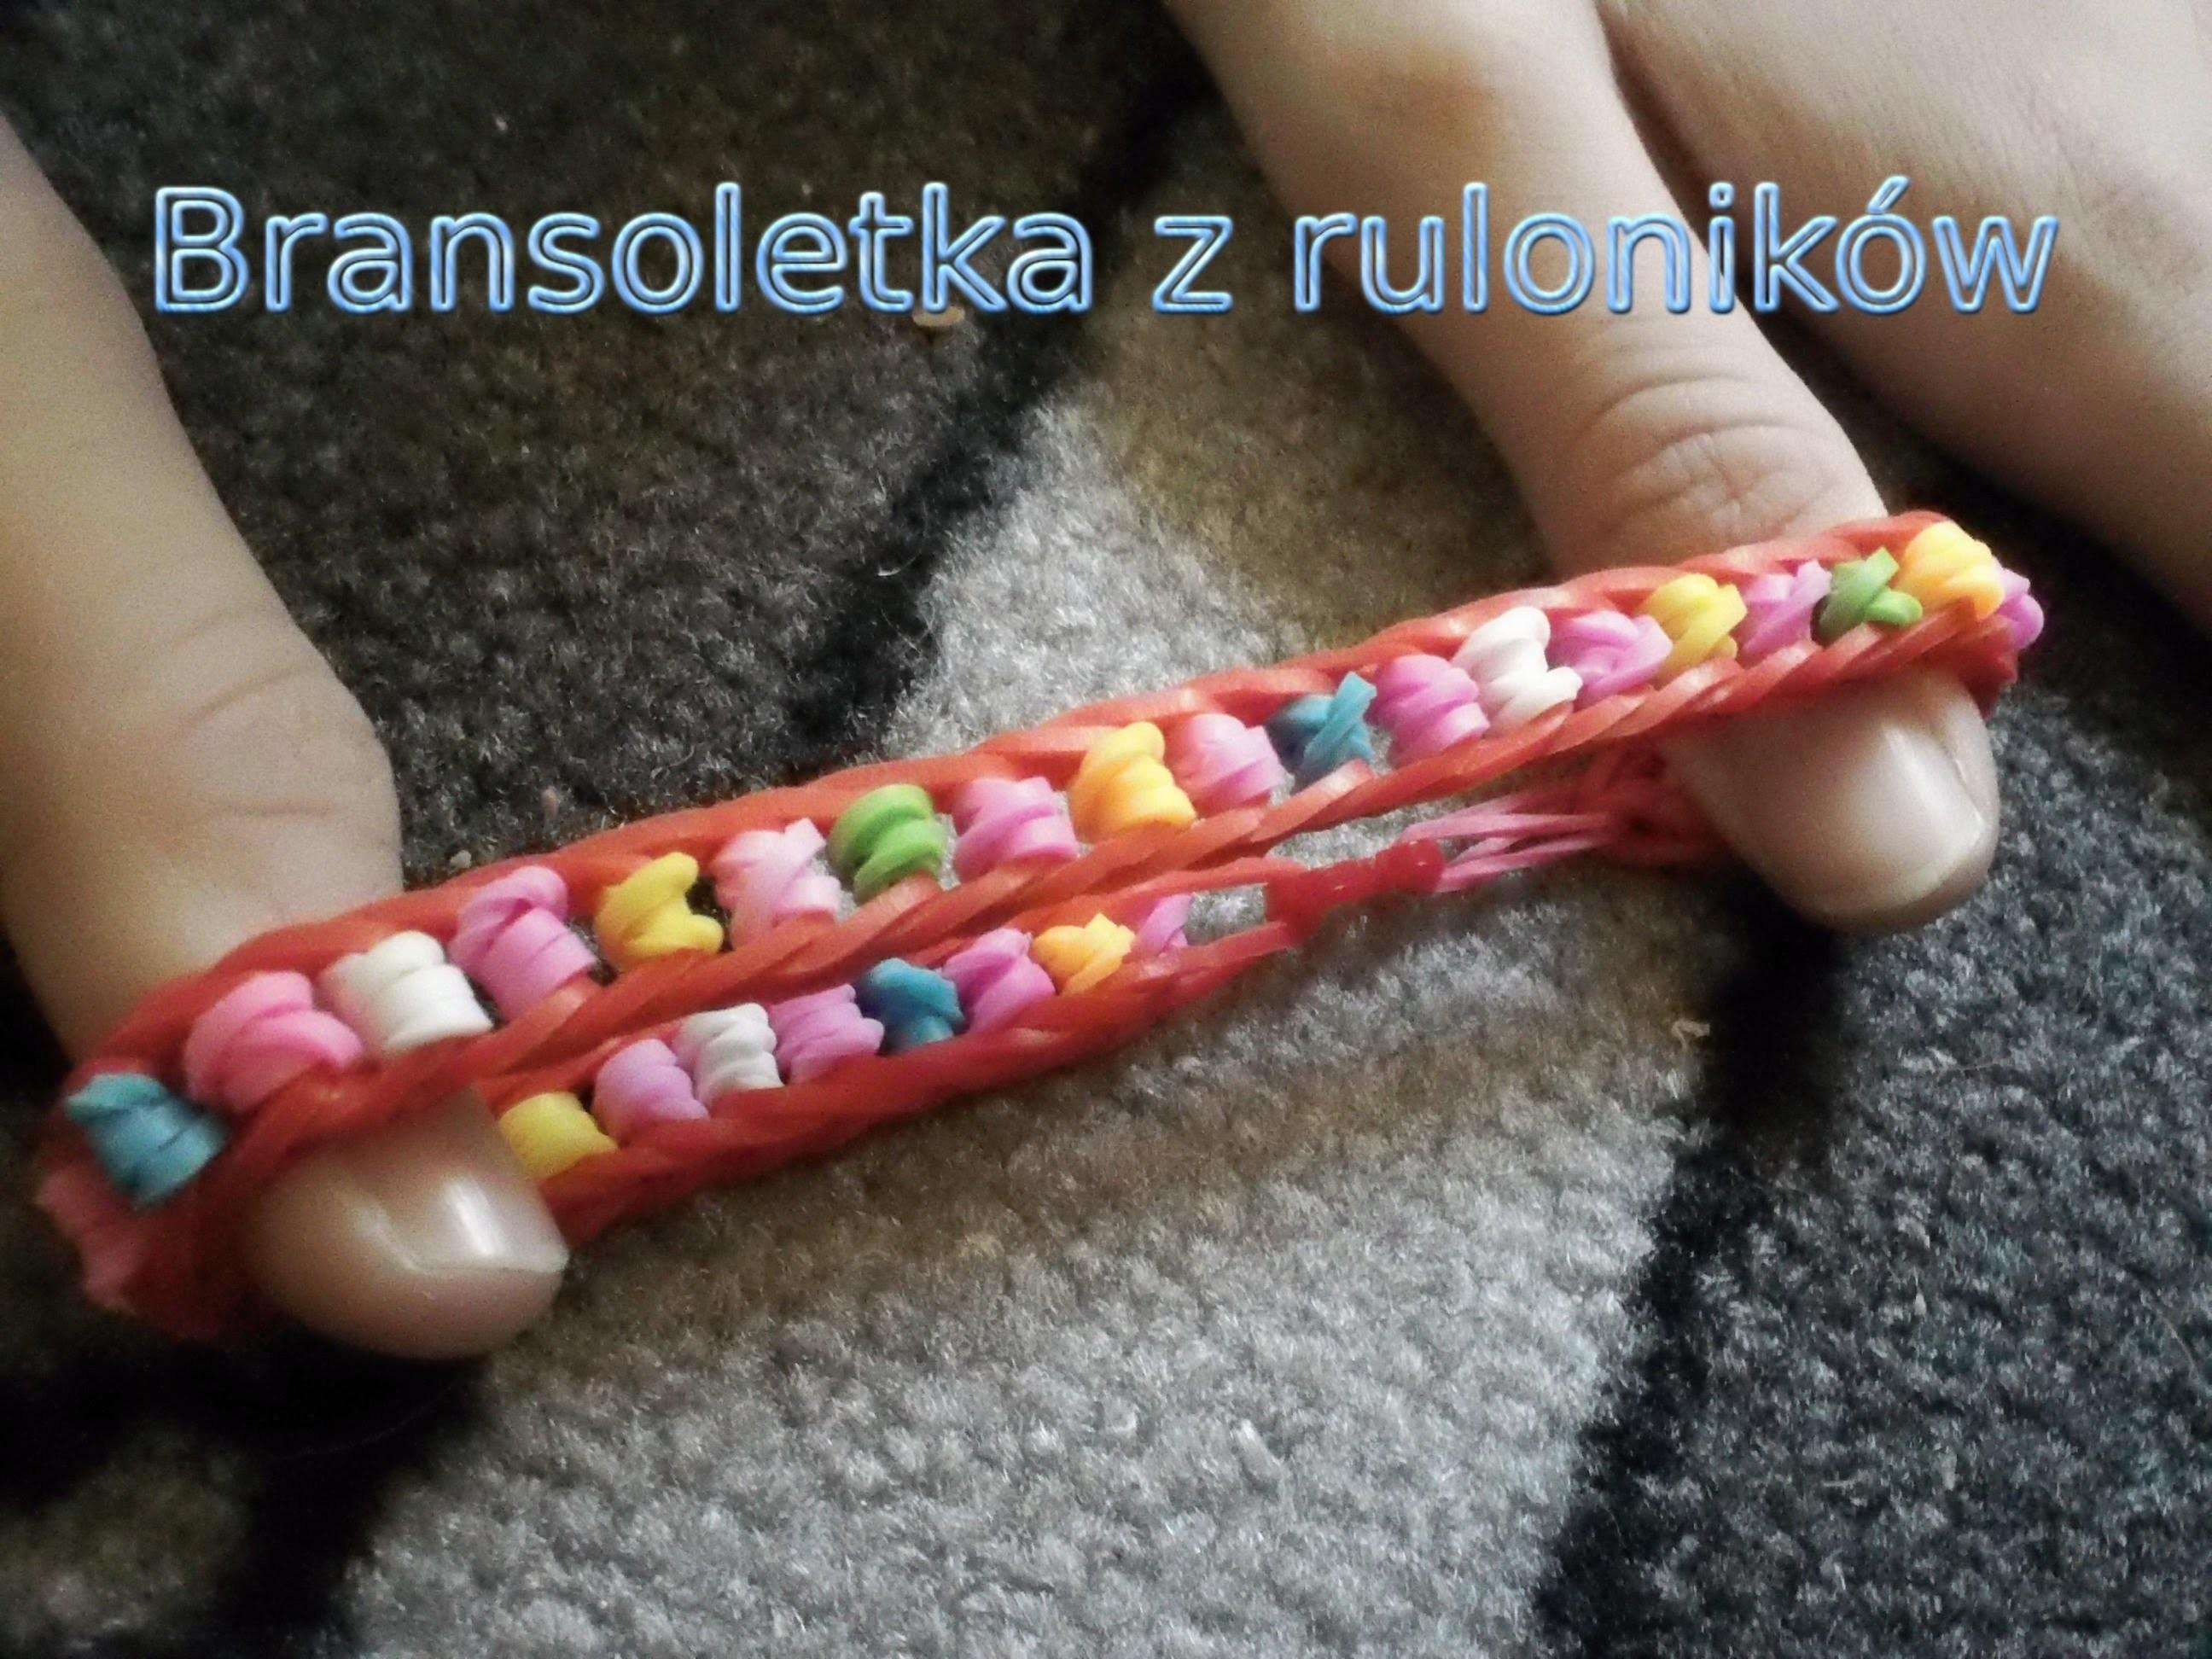 Rainbow Loom Bransoletka z ruloników